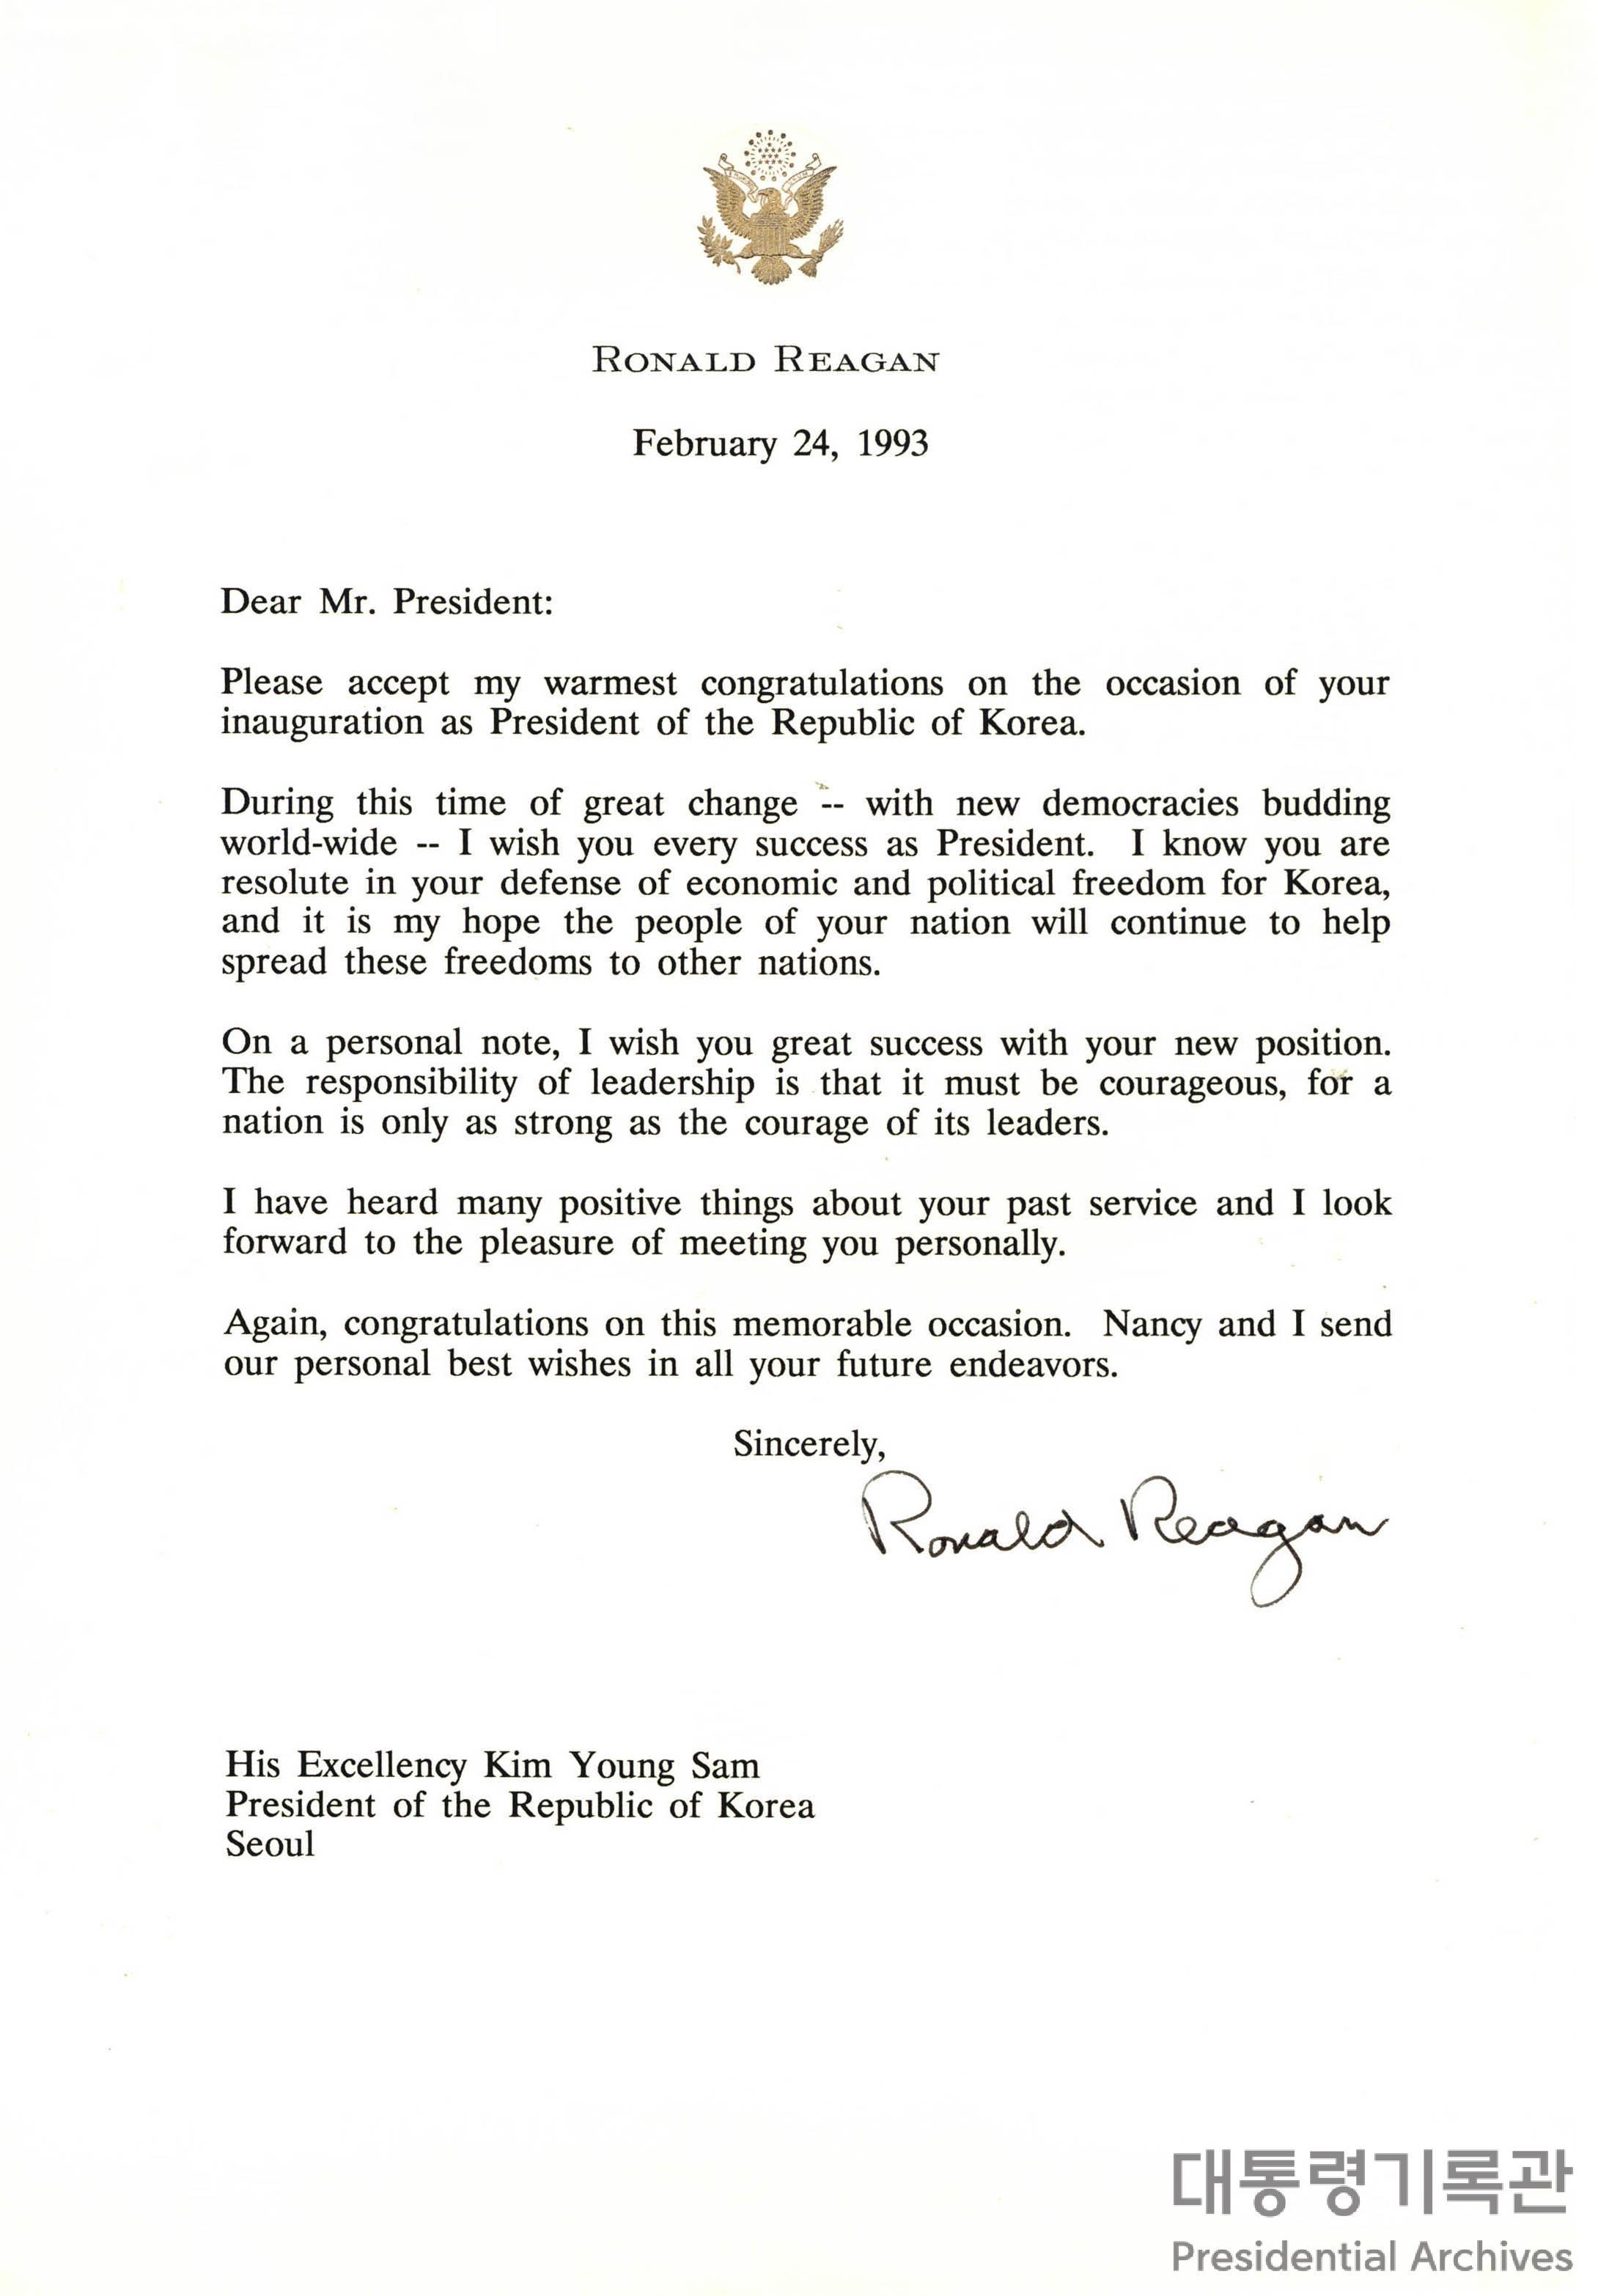 로널드 레이건(Ronald Reagan) 前미국 대통령이 김영삼 대통령에 보낸 서한